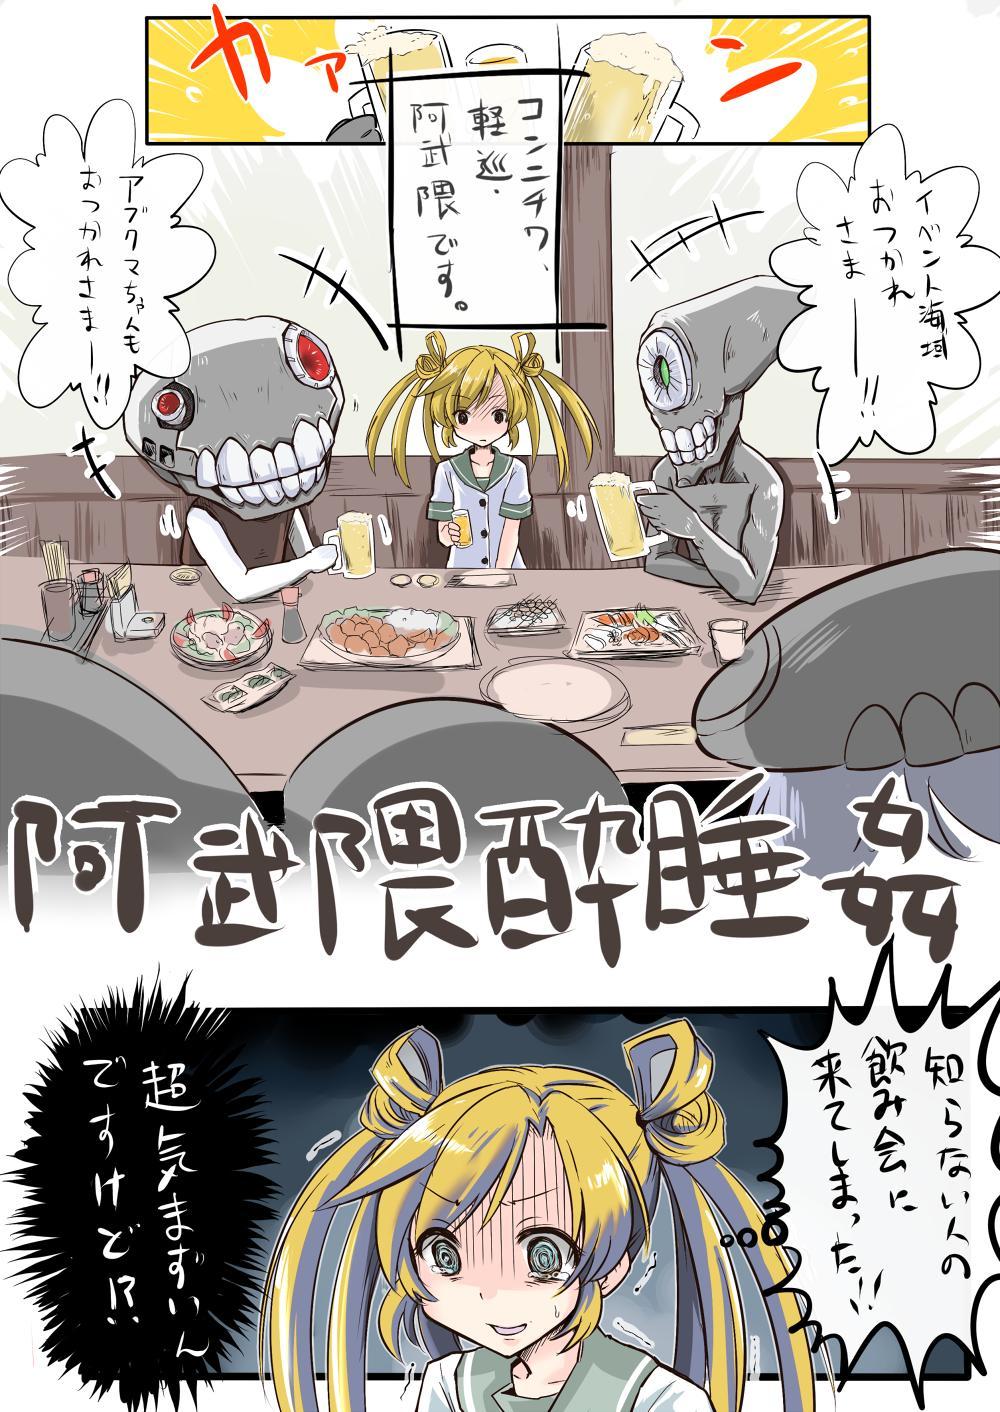 Abukuma-chan Deisui su 1